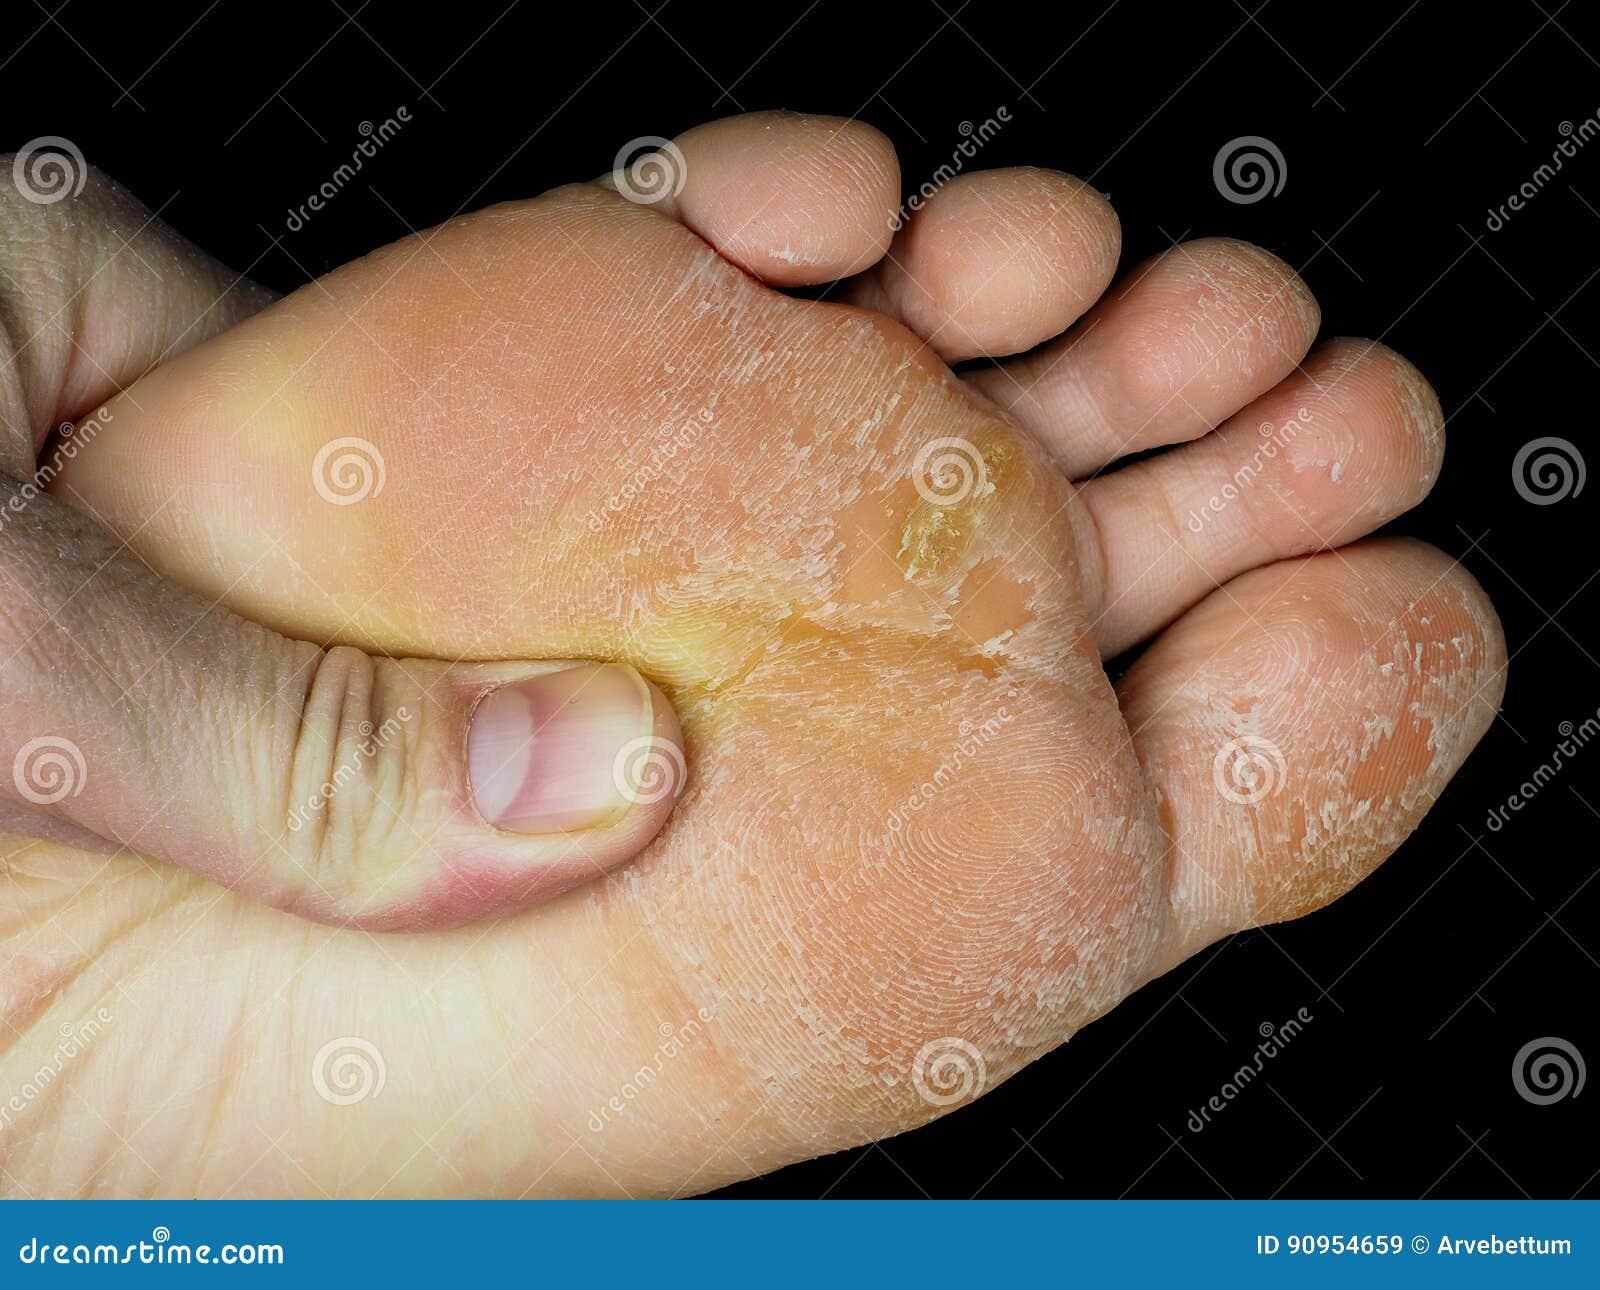 black skin on foot